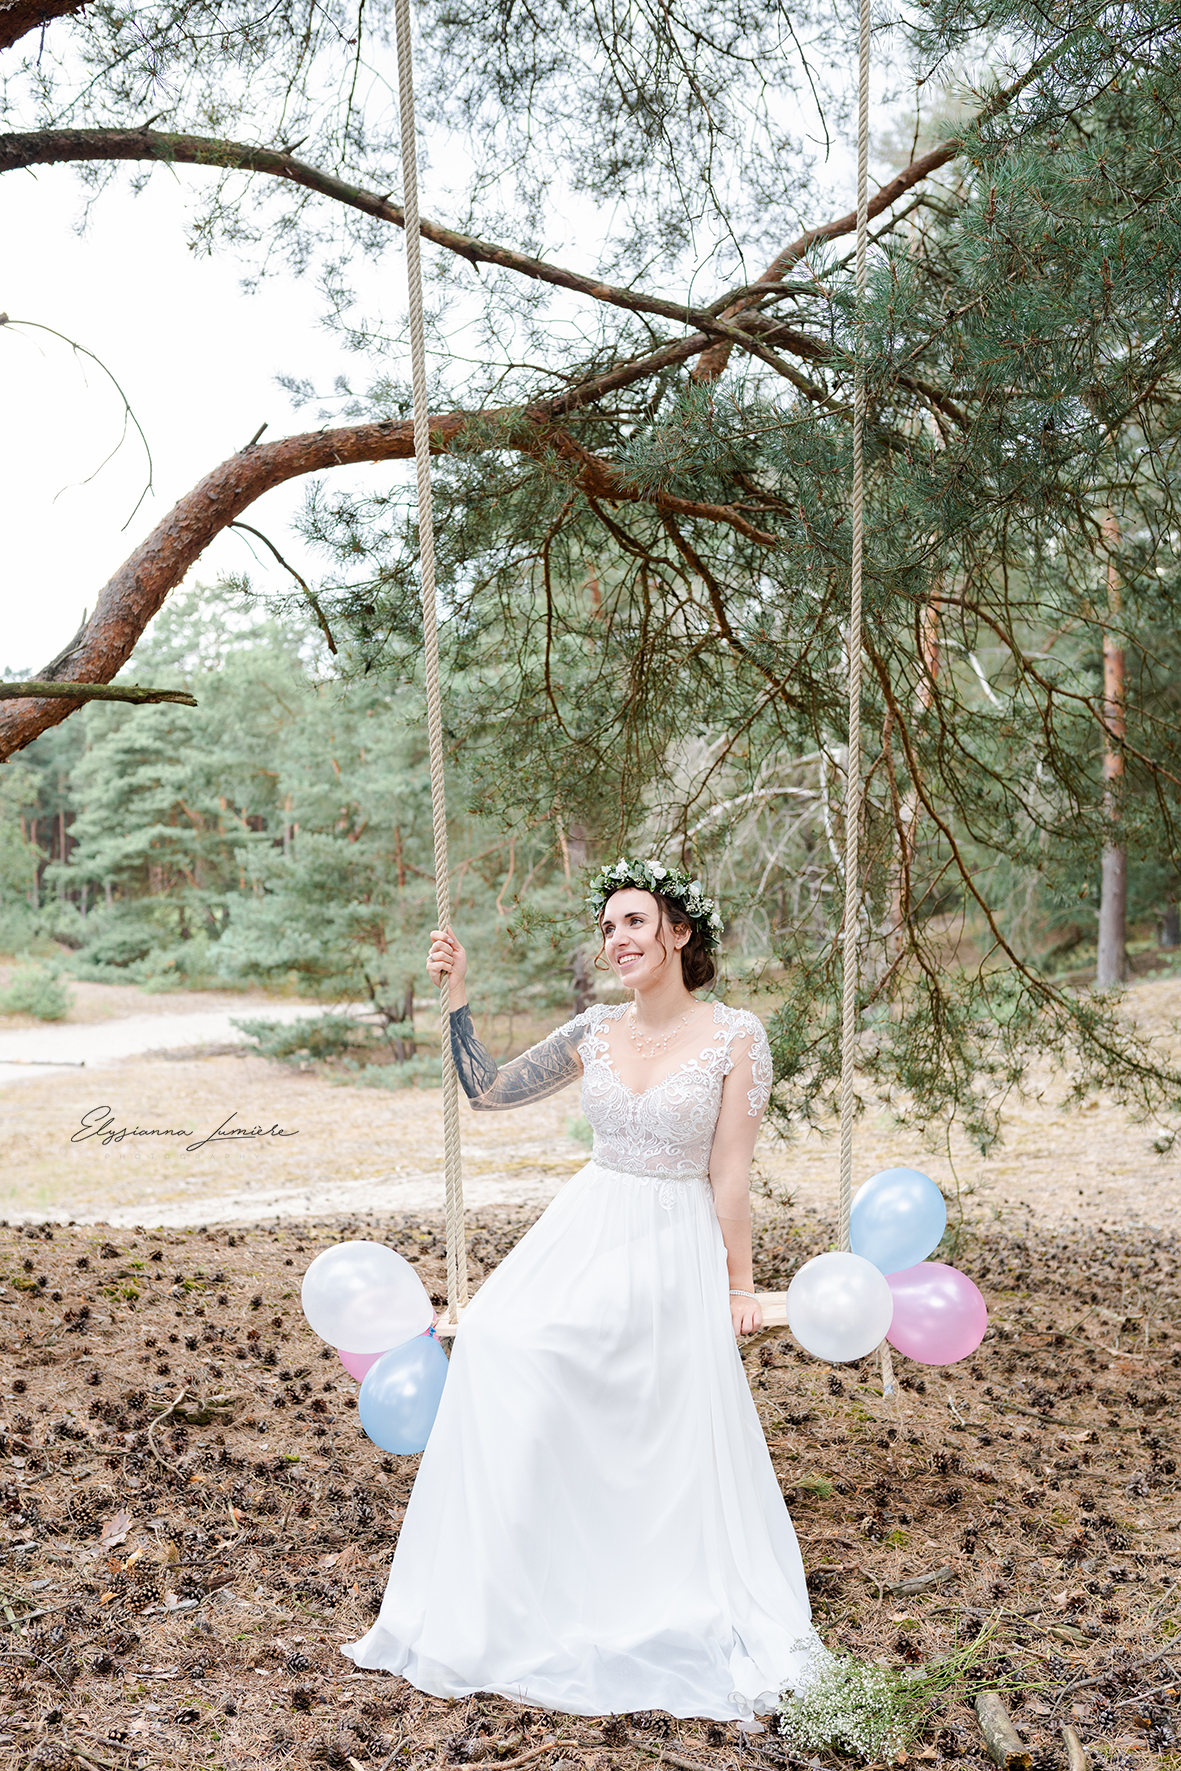 Braut mit Luftballons auf einer Schaukel im Wald Hochzeitsfotos